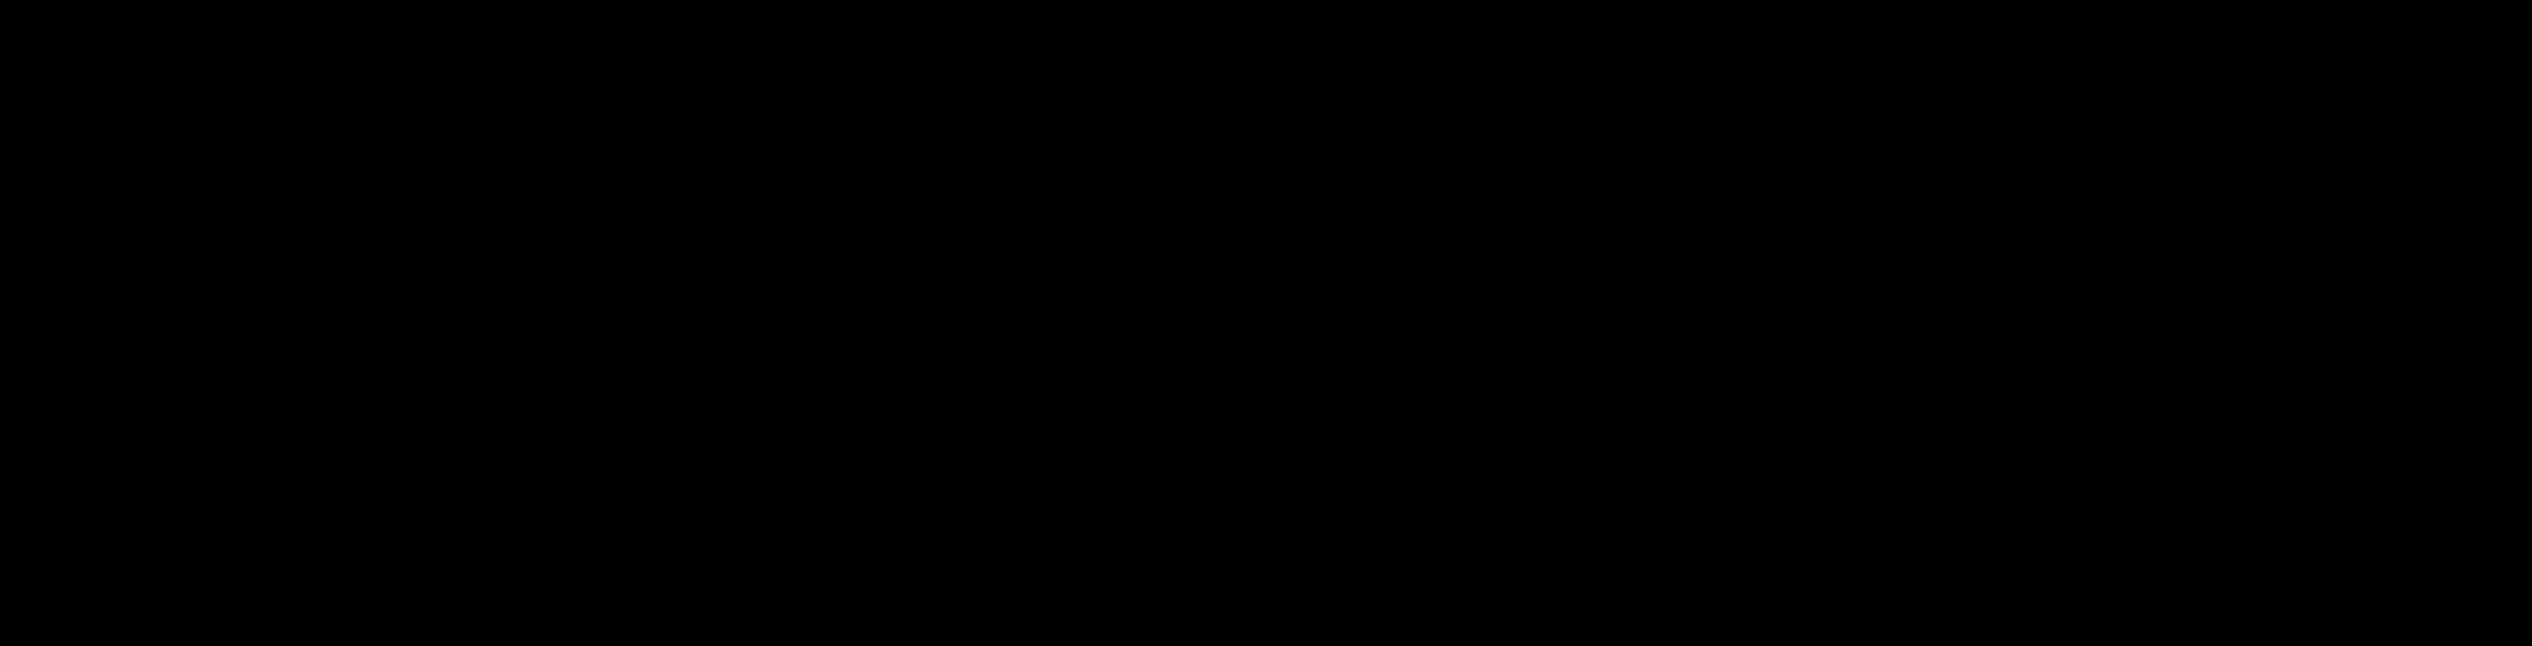 Bisphenol A bis-(β-D-glucuronide)